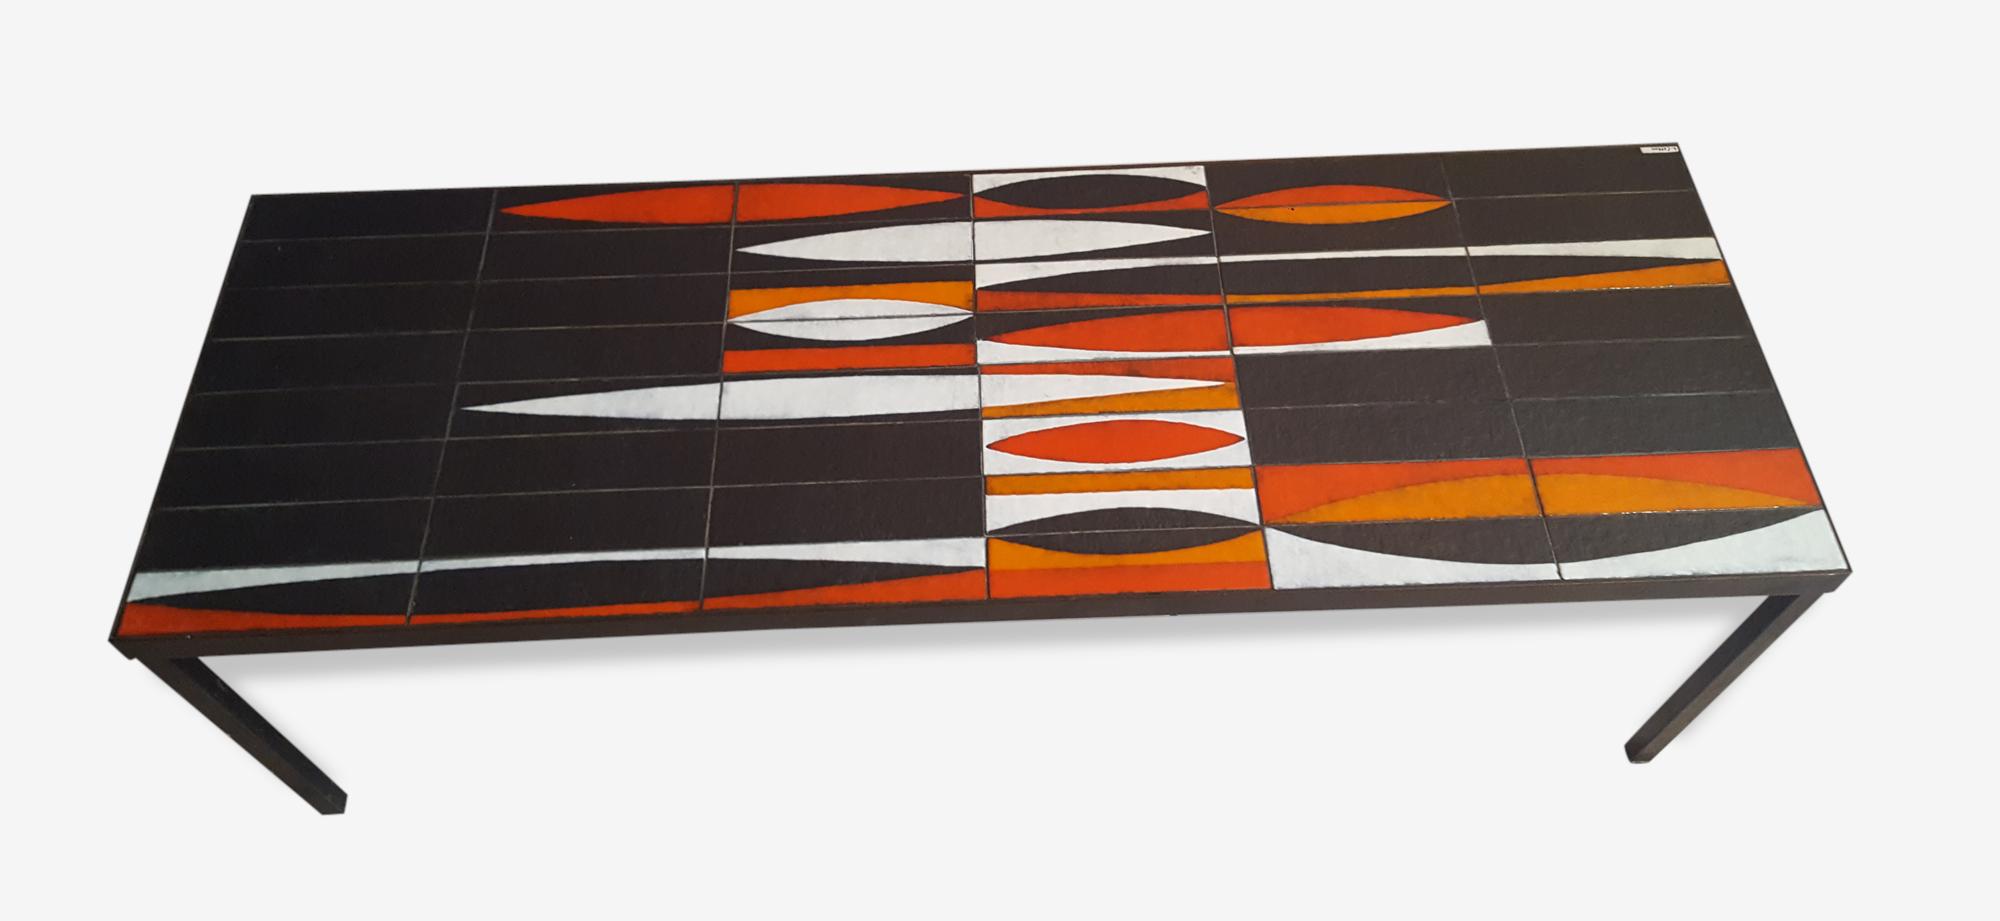 Table basse roger capron modele navette